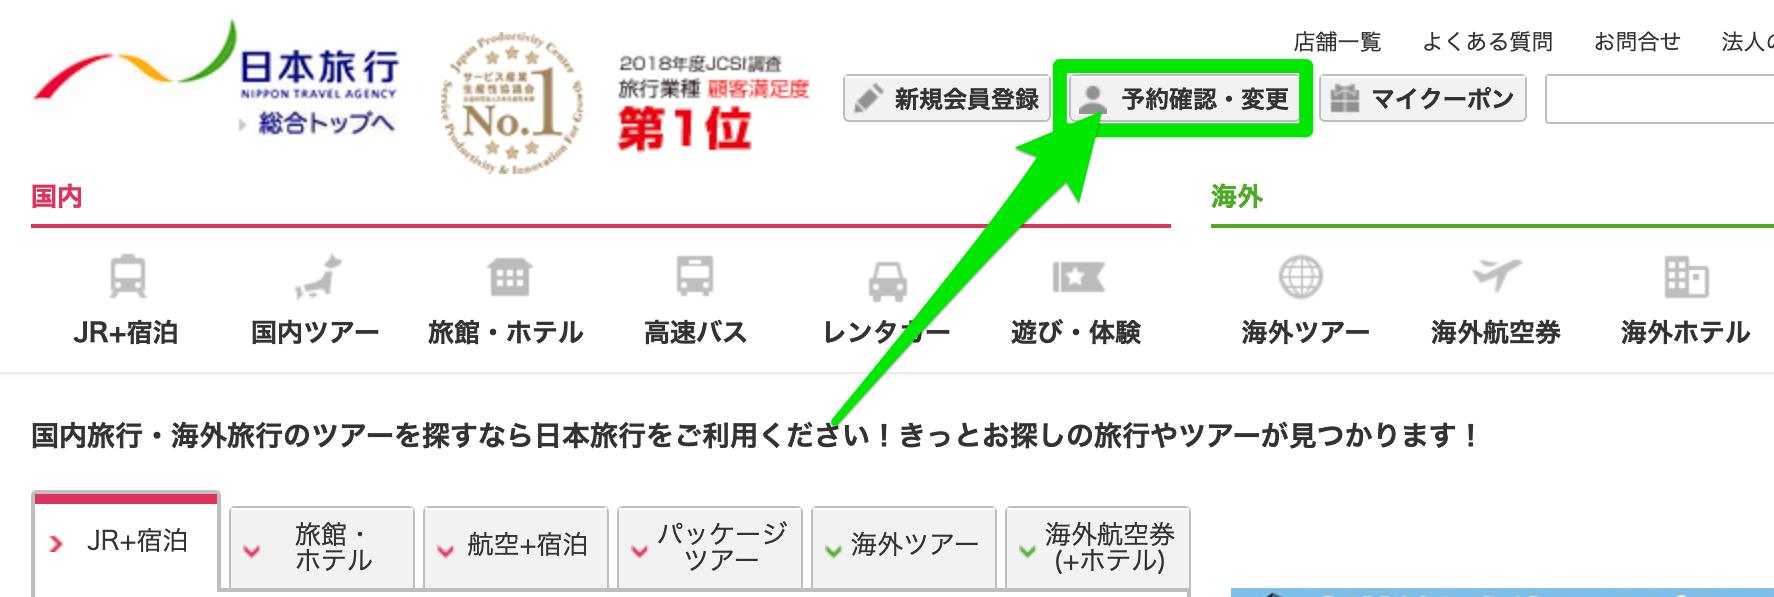 日本旅行の国内・海外ツアー・ホテル予約のオンラインでのキャンセル方法